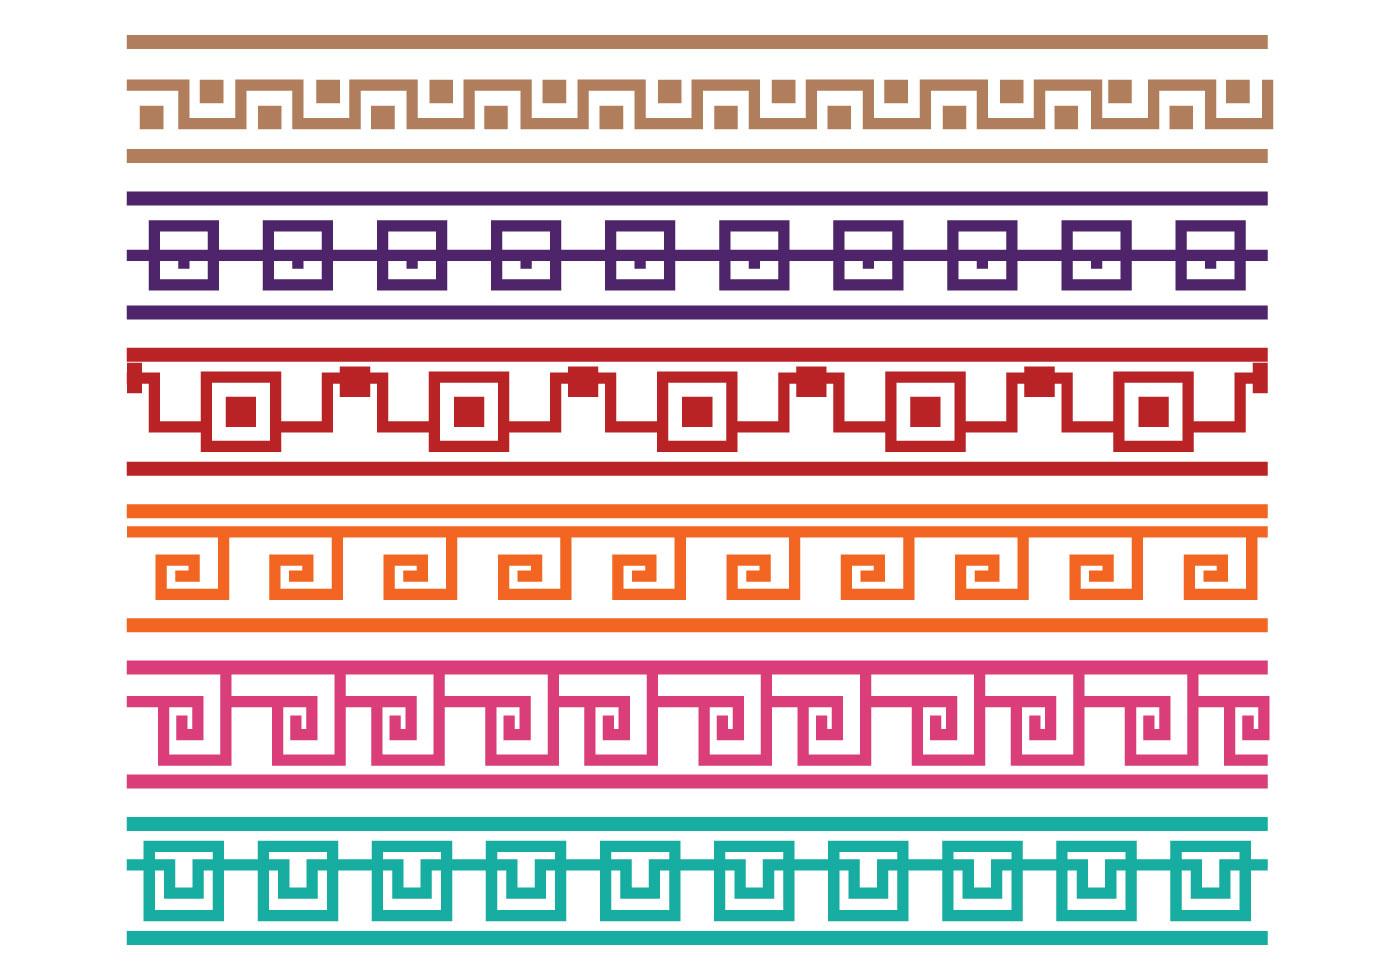 Greek Key Border Vectors - Download Free Vector Art, Stock ...